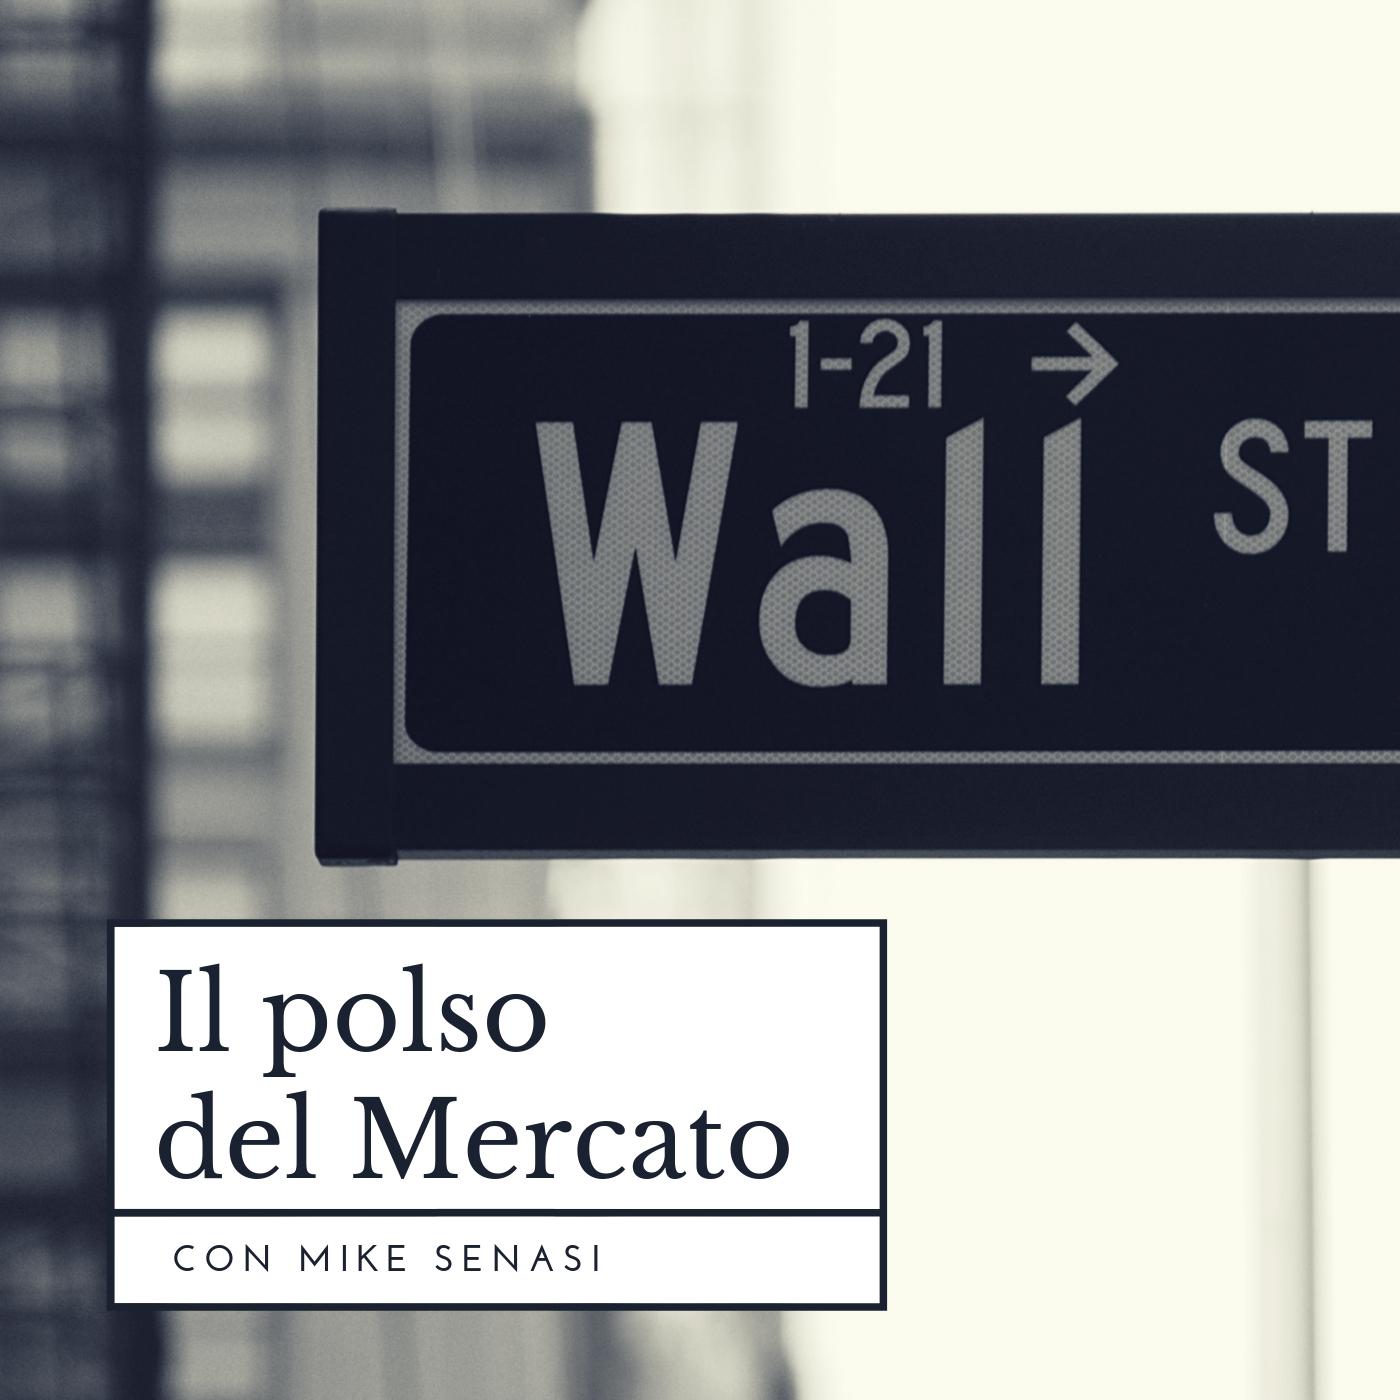 Il polso del Mercato [WIP]